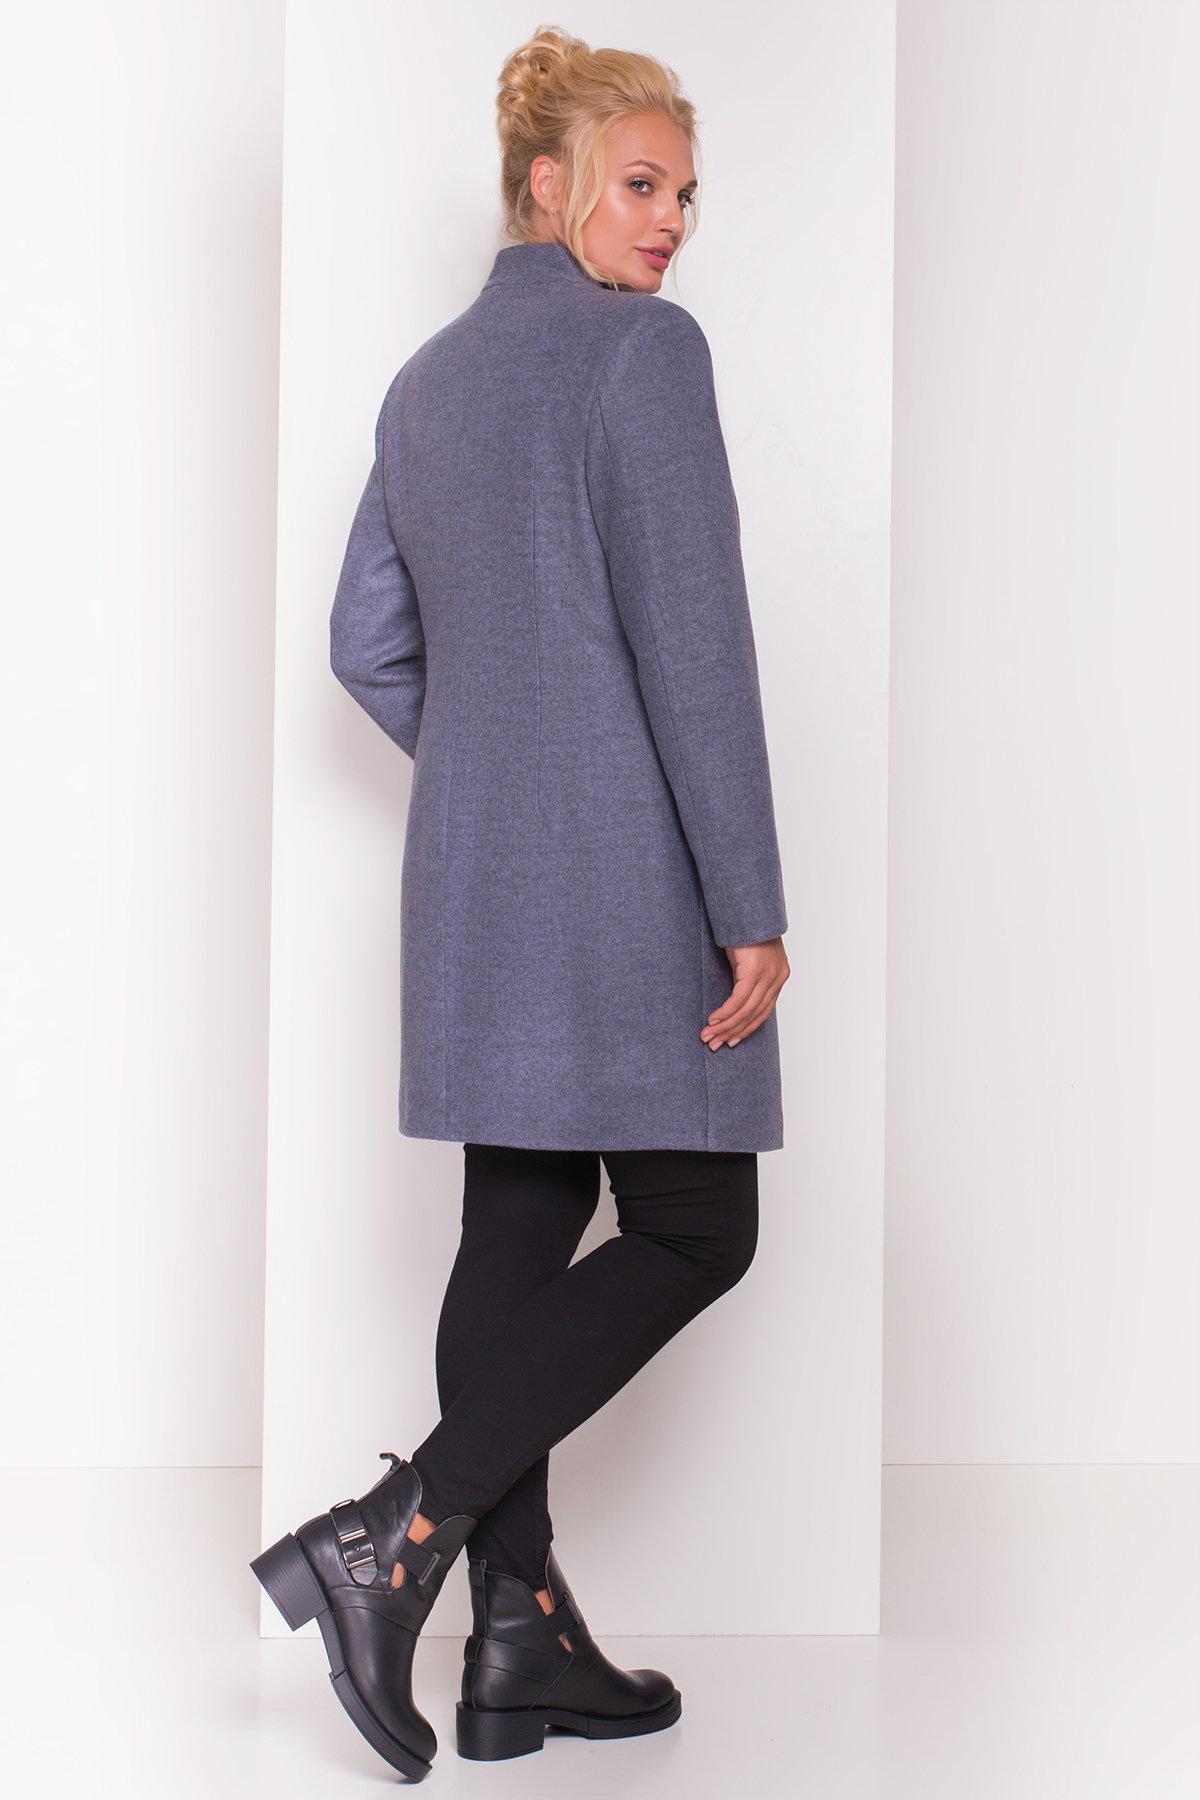 Пальто Сплит DONNA 4466 АРТ. 21353 Цвет: Серый 3 - фото 4, интернет магазин tm-modus.ru